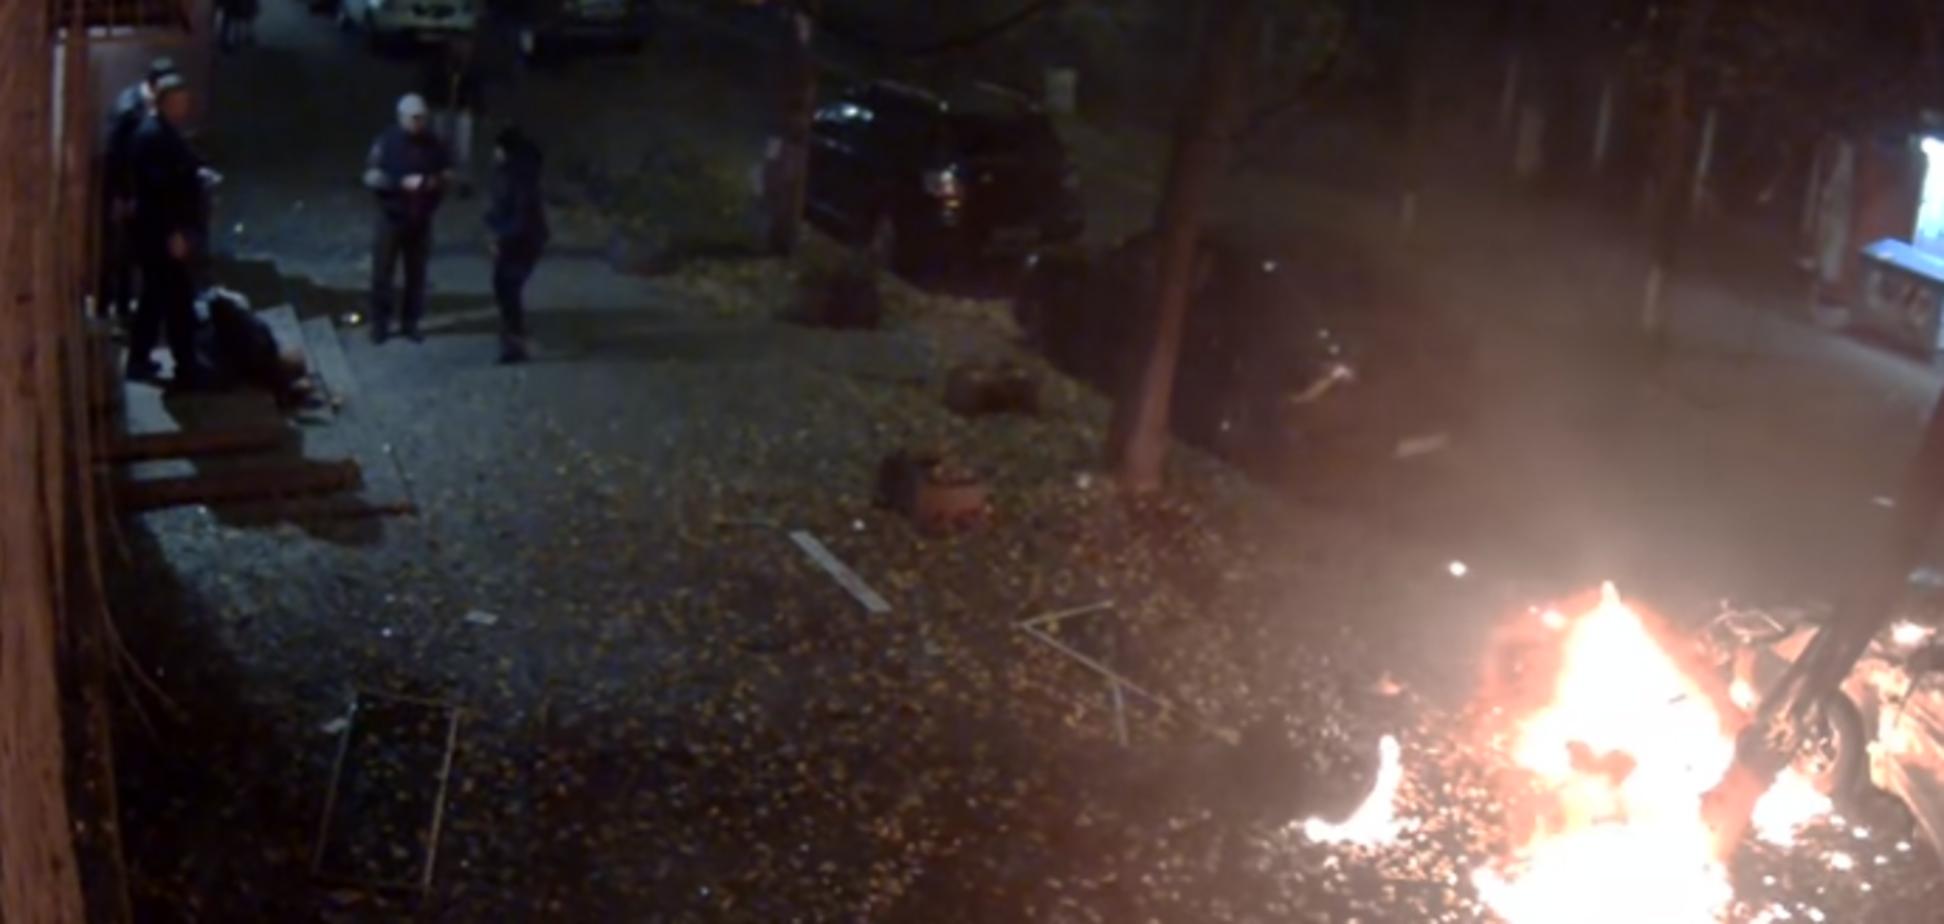 Підірвали дистанційно: стали відомі нові деталі про замах на Мосійчука в Києві